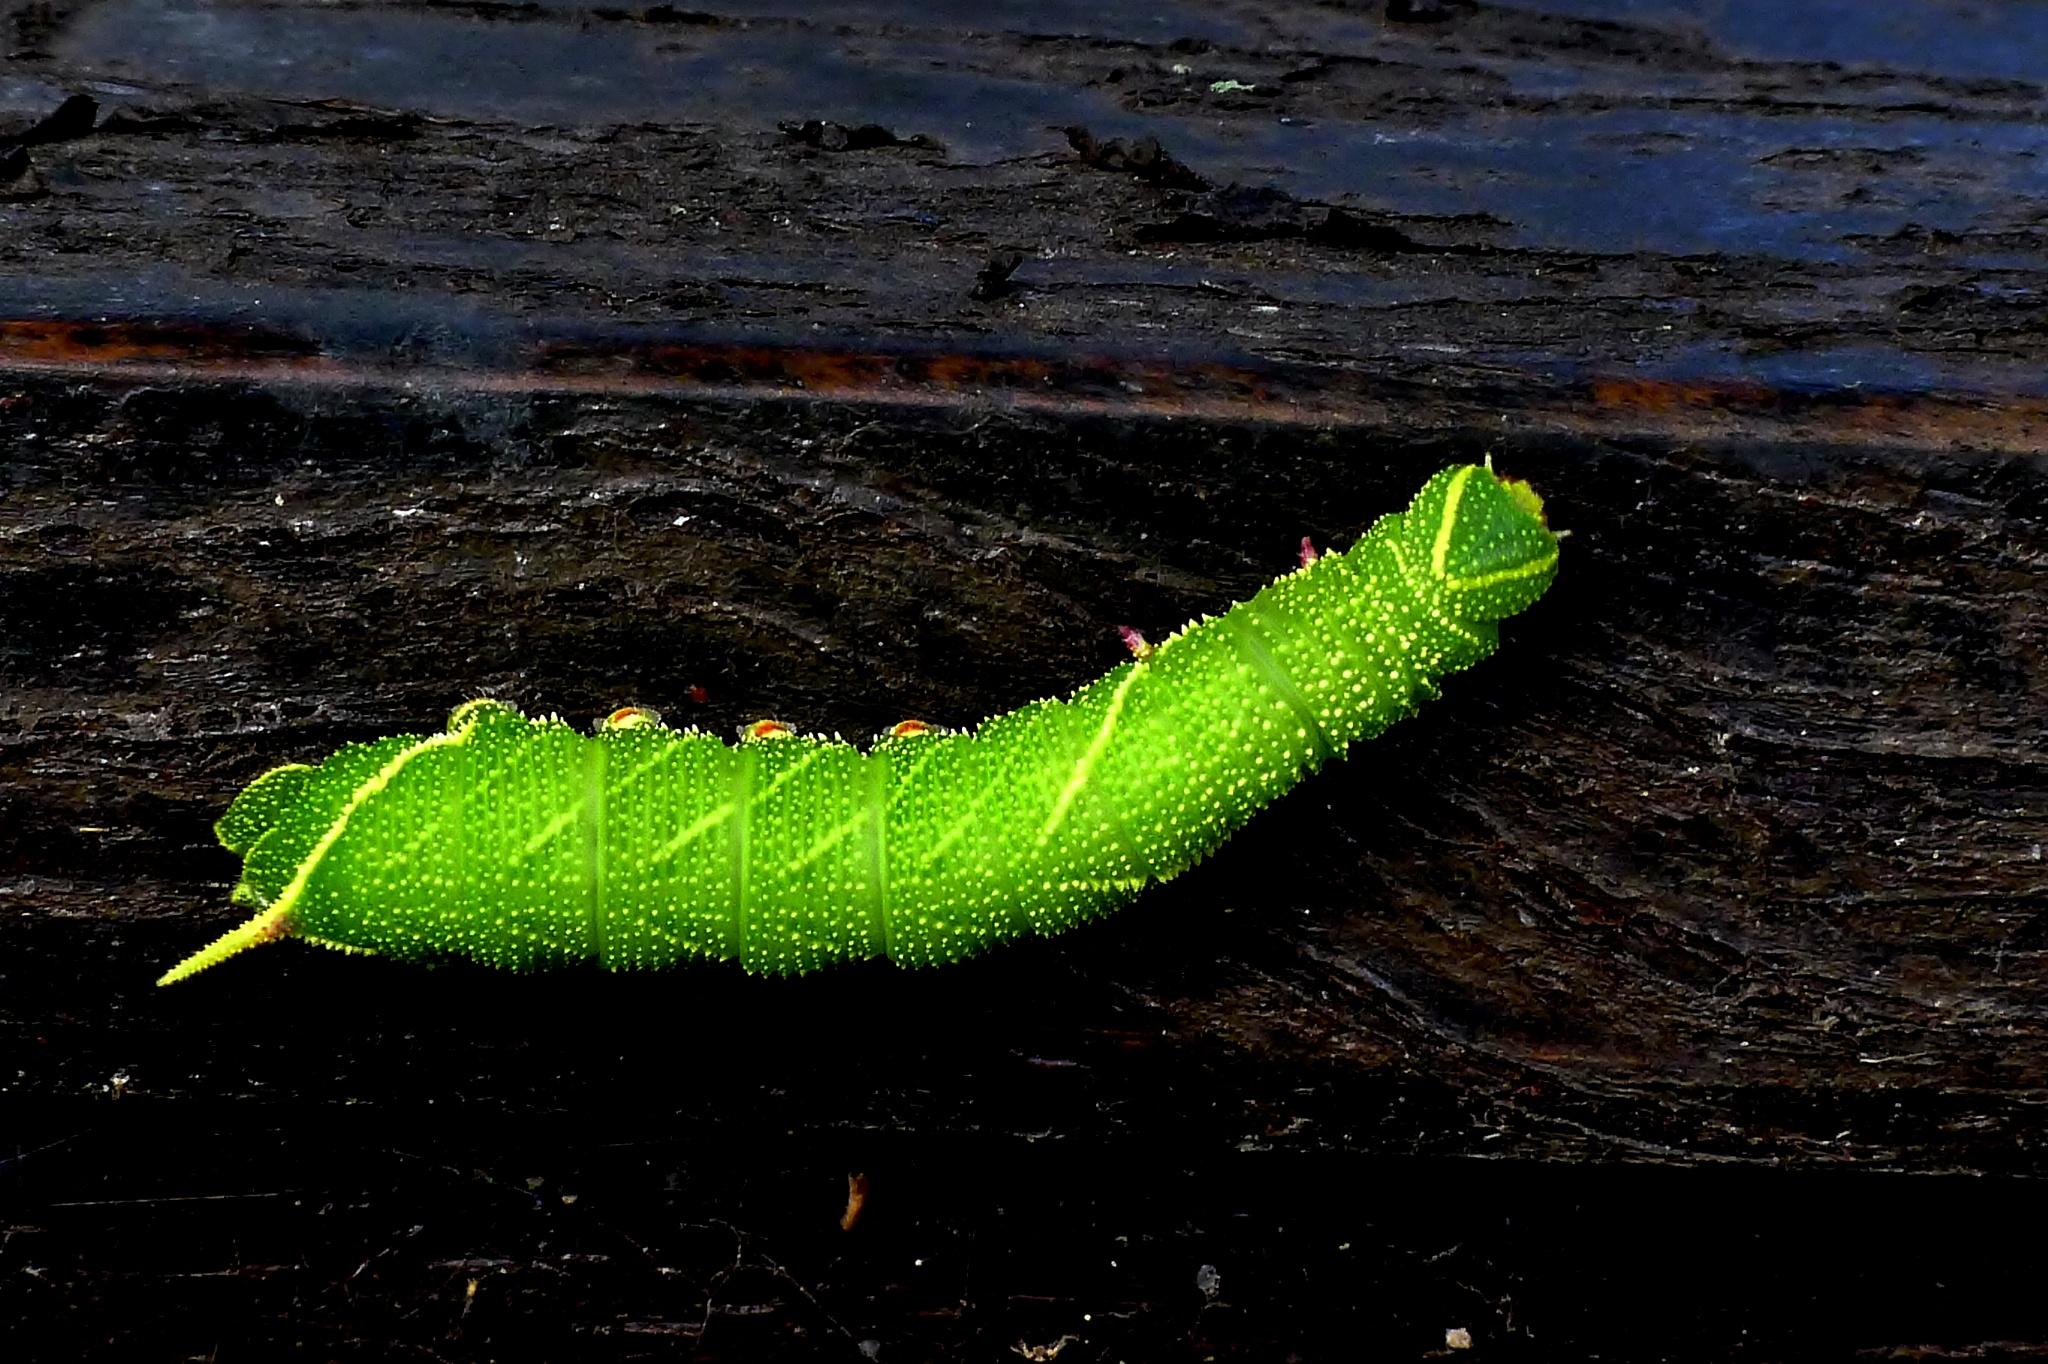 Hawksmoth Caterpillar 003 by paul.hosker